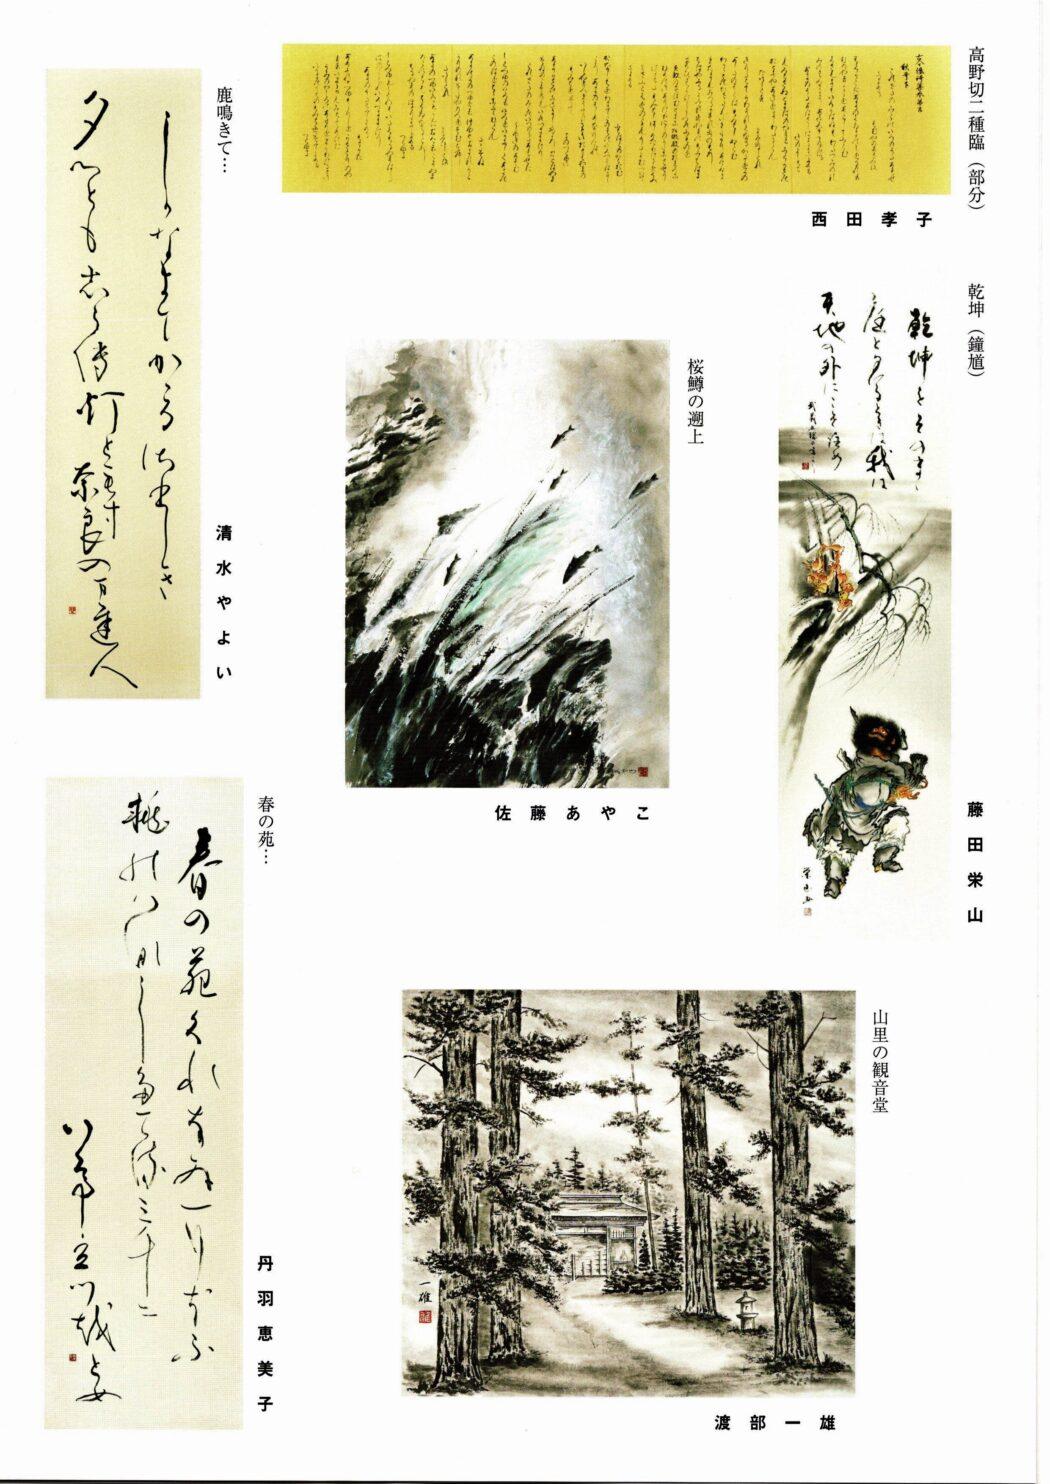 第10回記念伯水會書画展